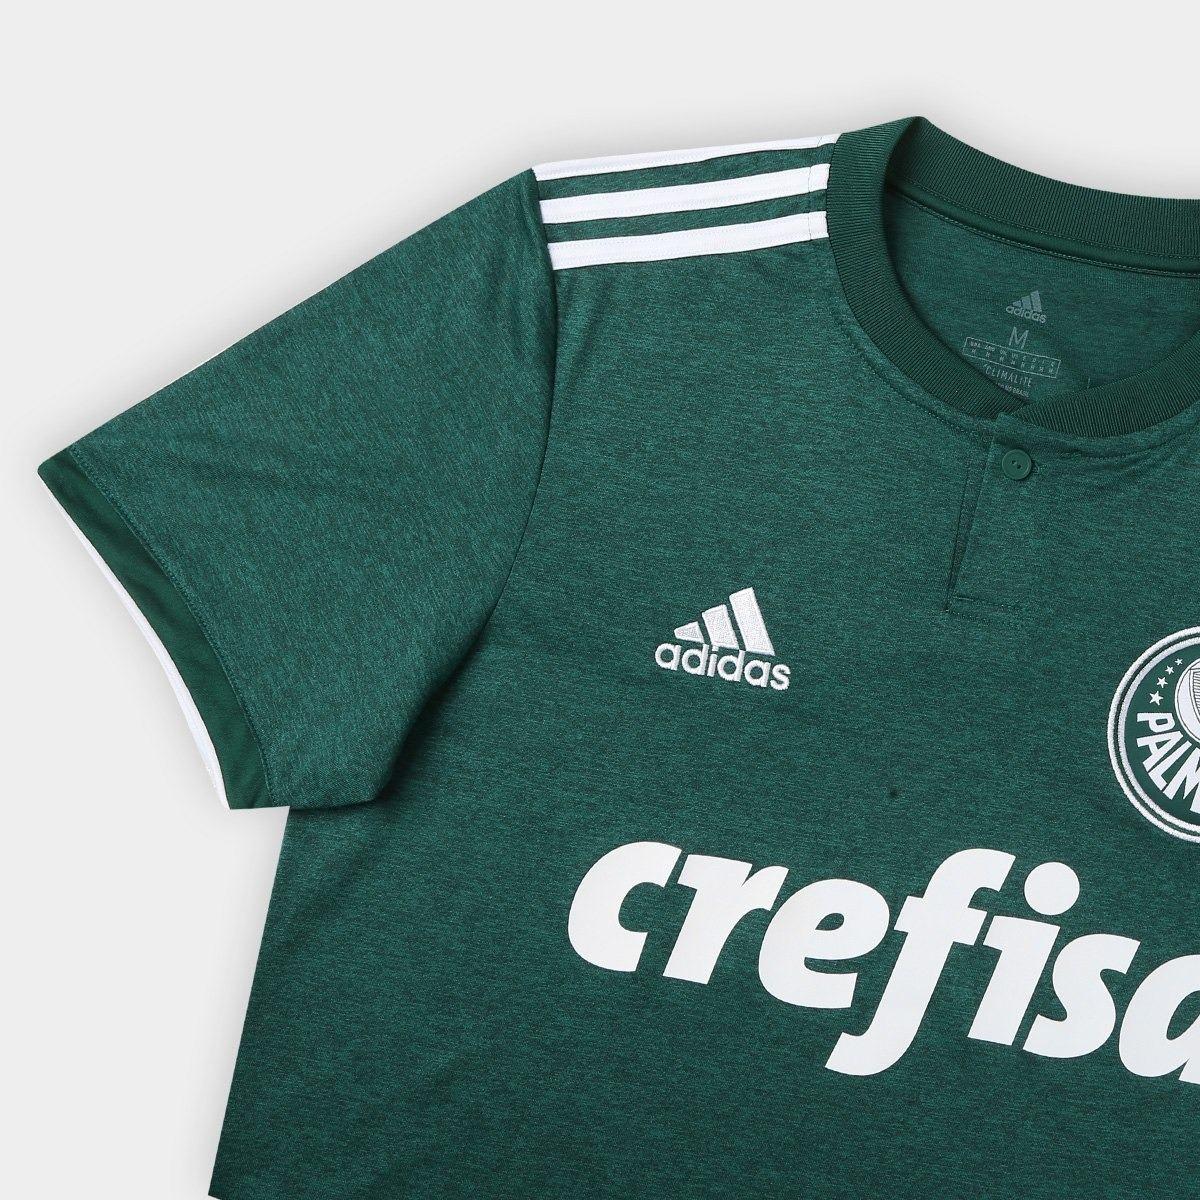 Camisa Palmeiras 2018 100% Original Frete Gratis - R  139 818d1f4ab0d1a